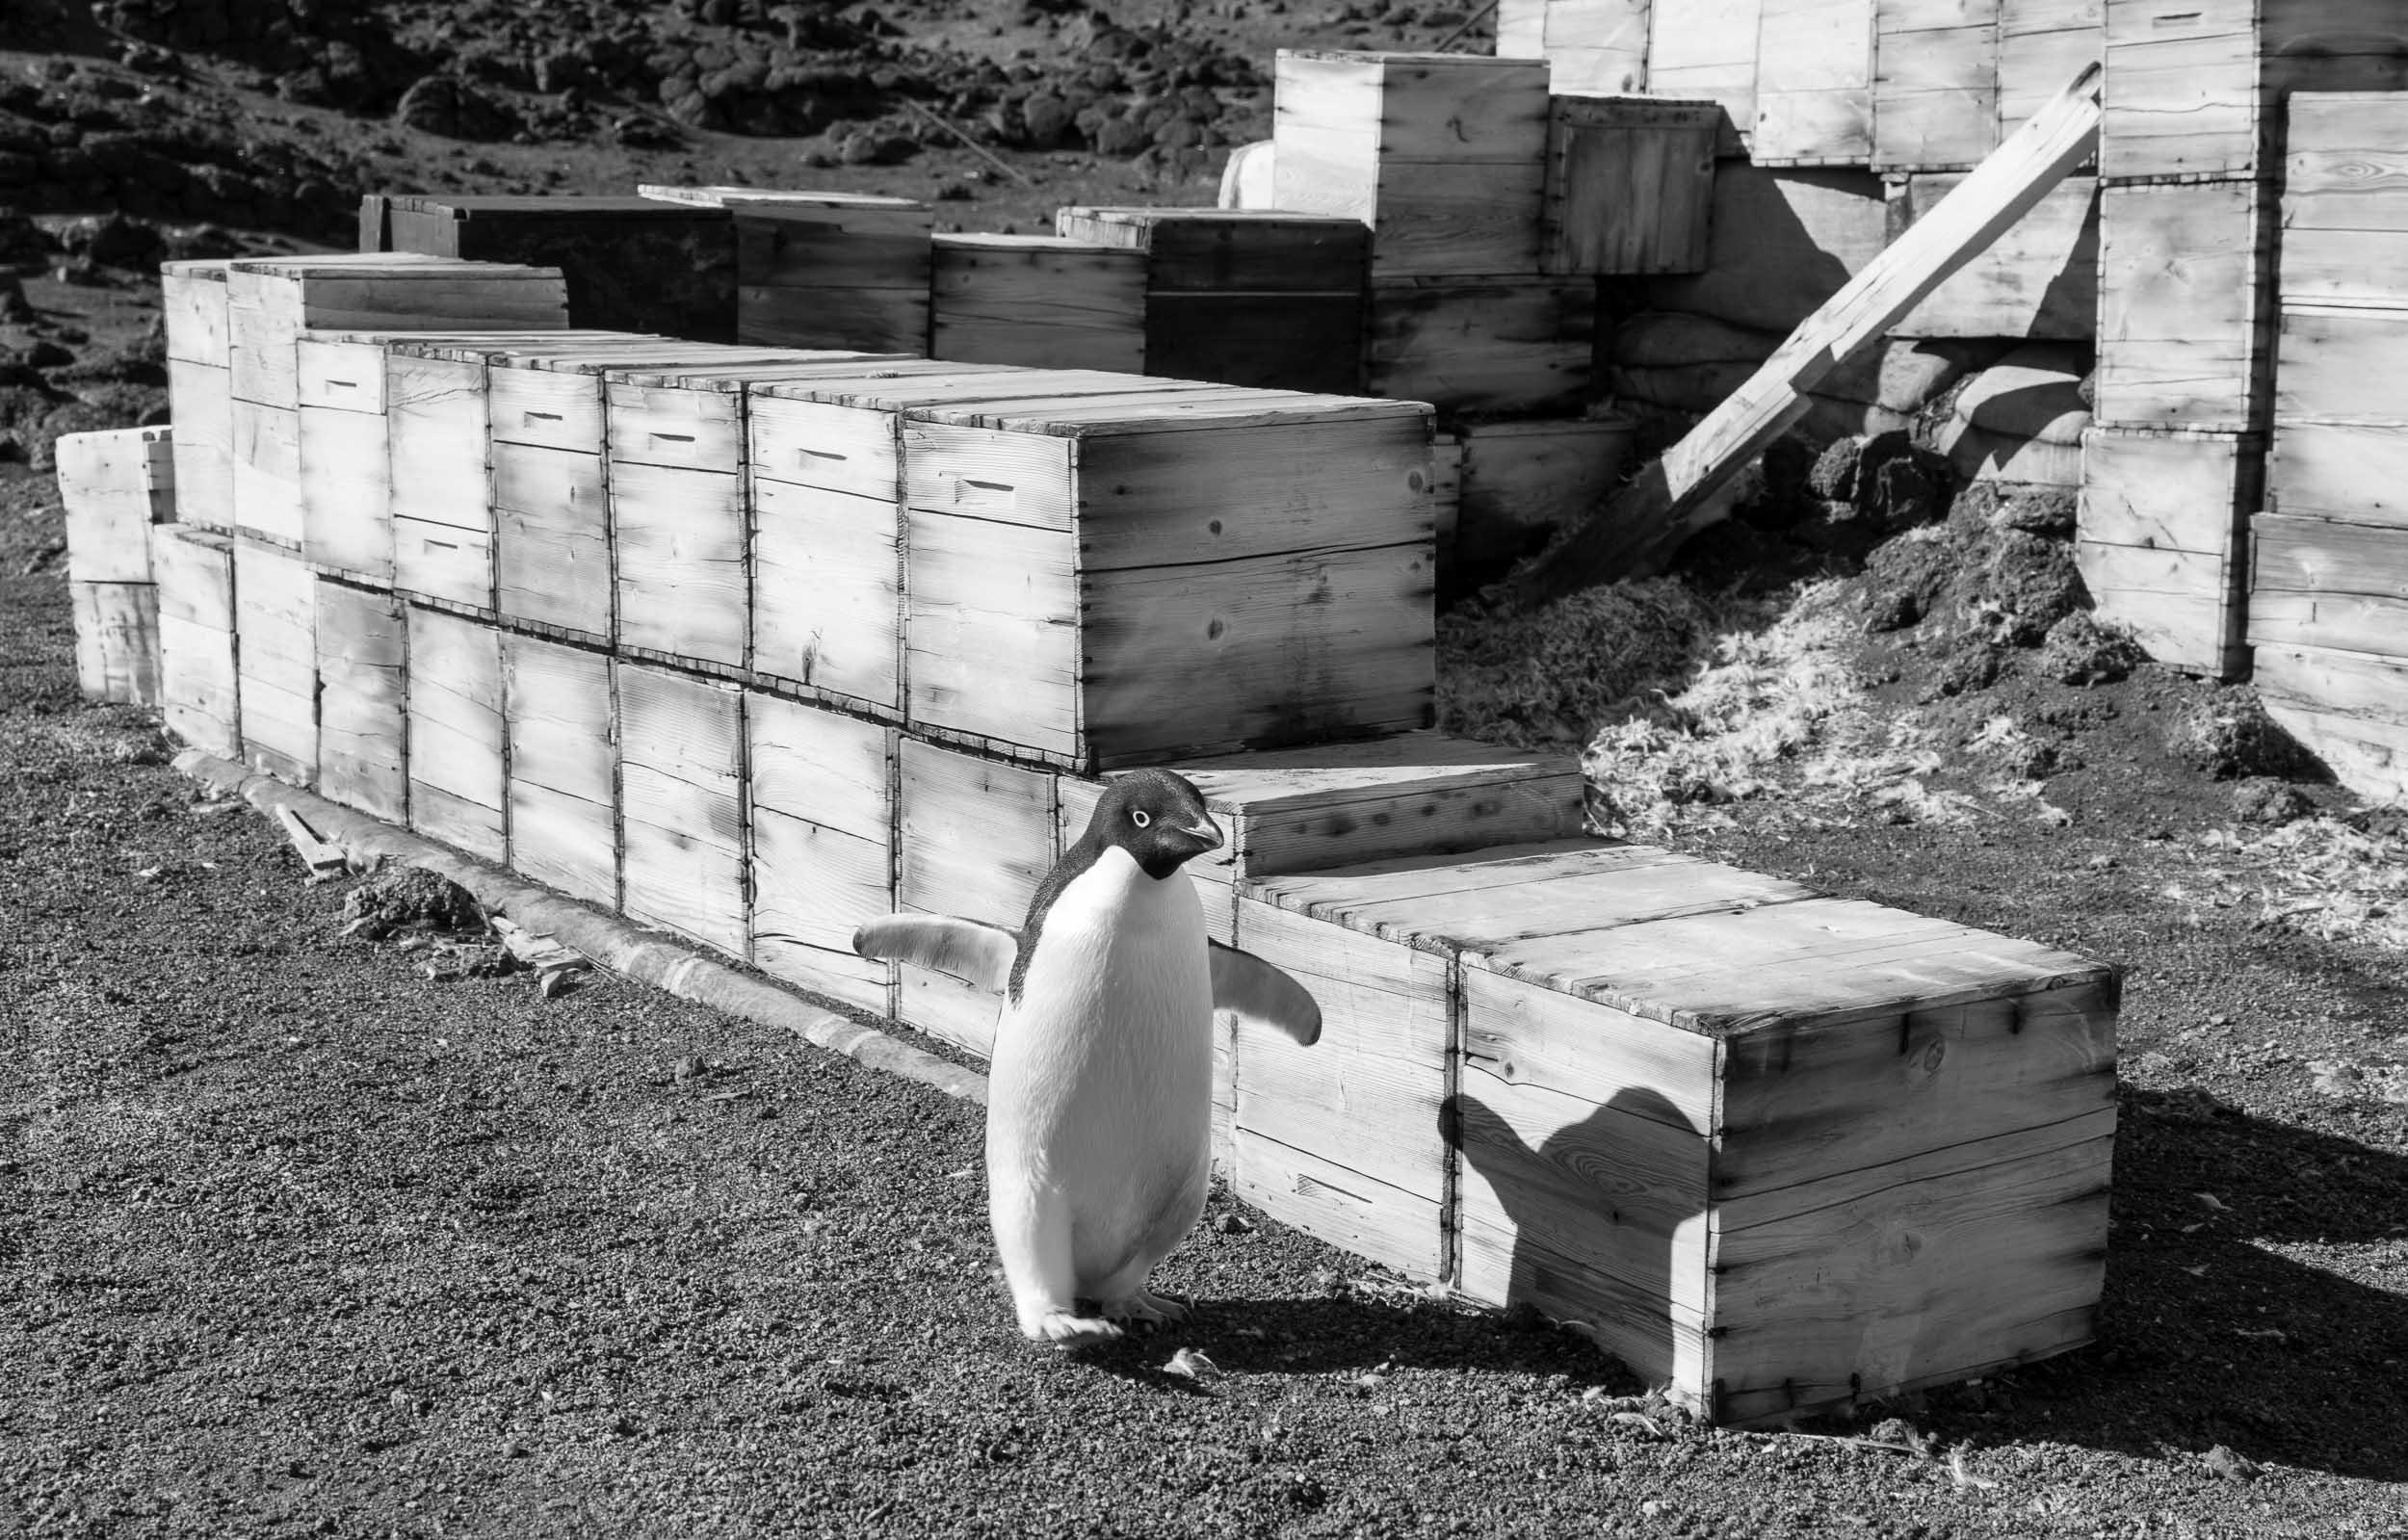 Adelie penguin running past Shackleton's Hut